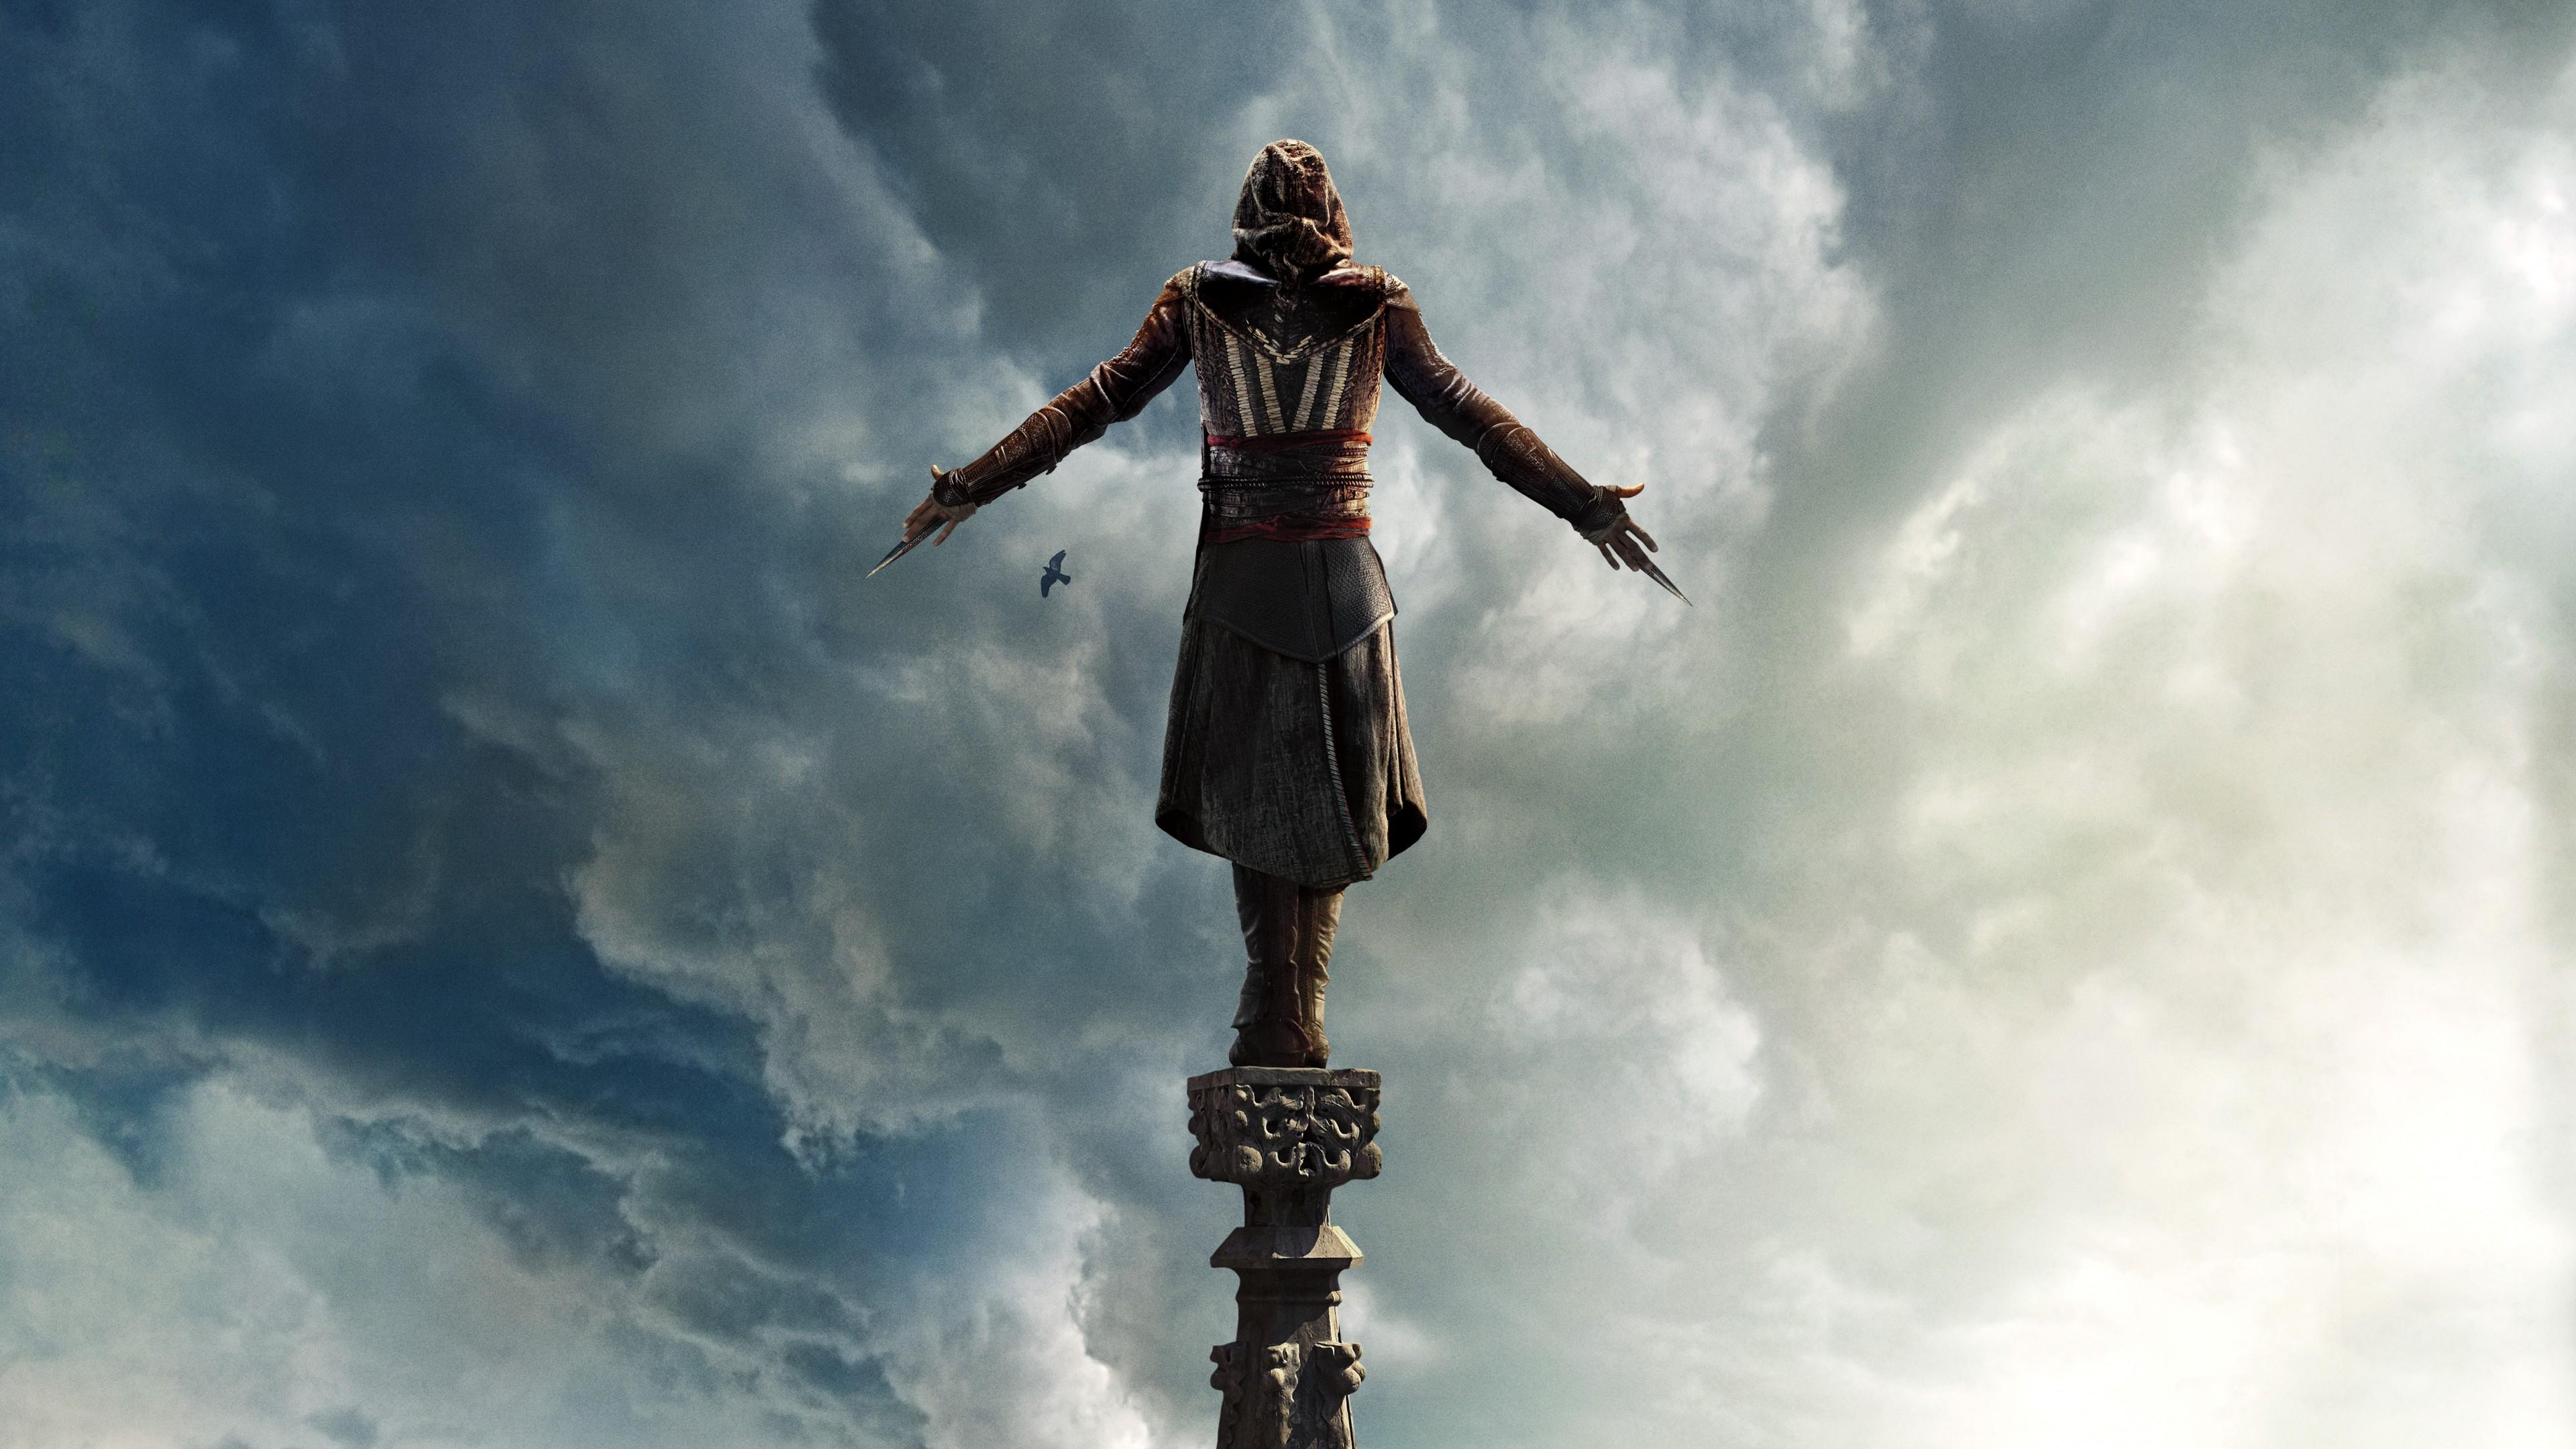 Памятник,высоко парящий в небе,среди кучевых облаков и птиц